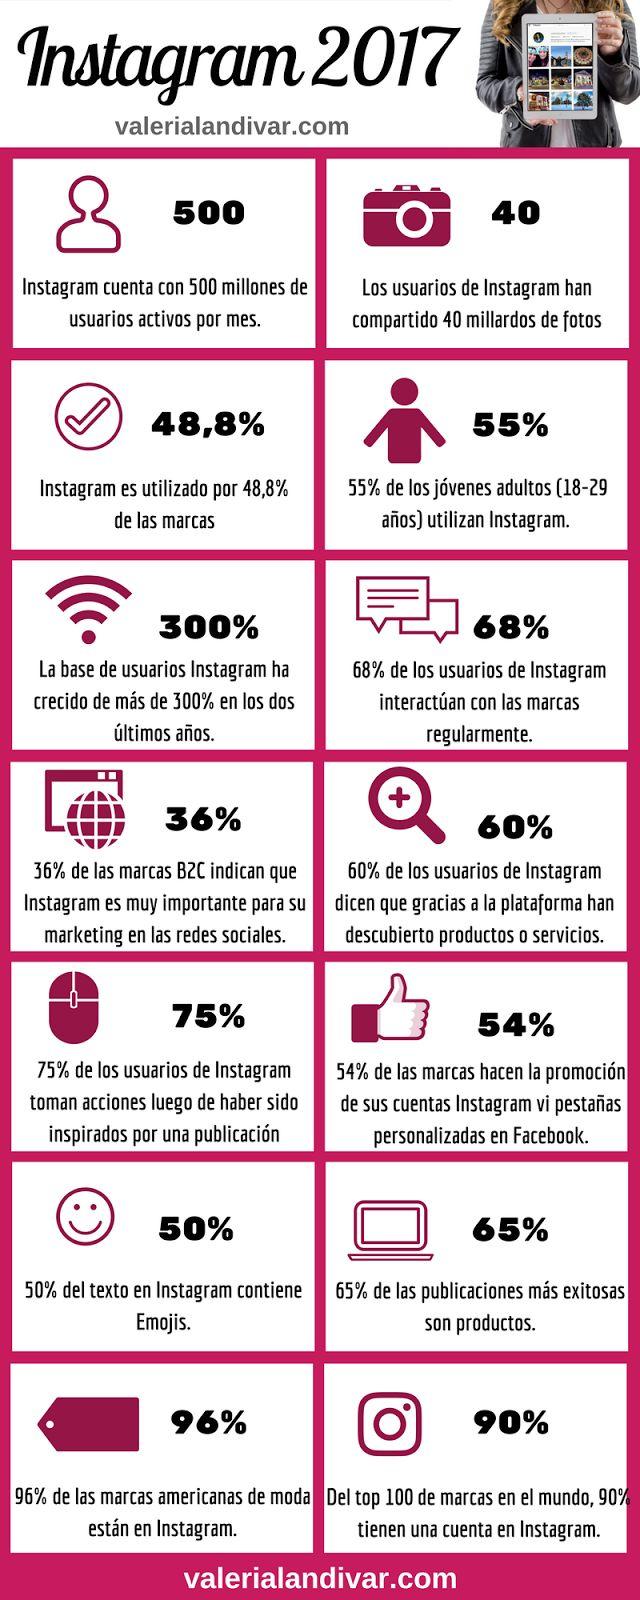 Infografia : Instagram es una aplicación móvil que permite a los usuarios publicar imágenes y videos.  Con más de 500 millones de usuarios, Instagram se convirtió en una comunidad mundial de gran interés para las marcas.